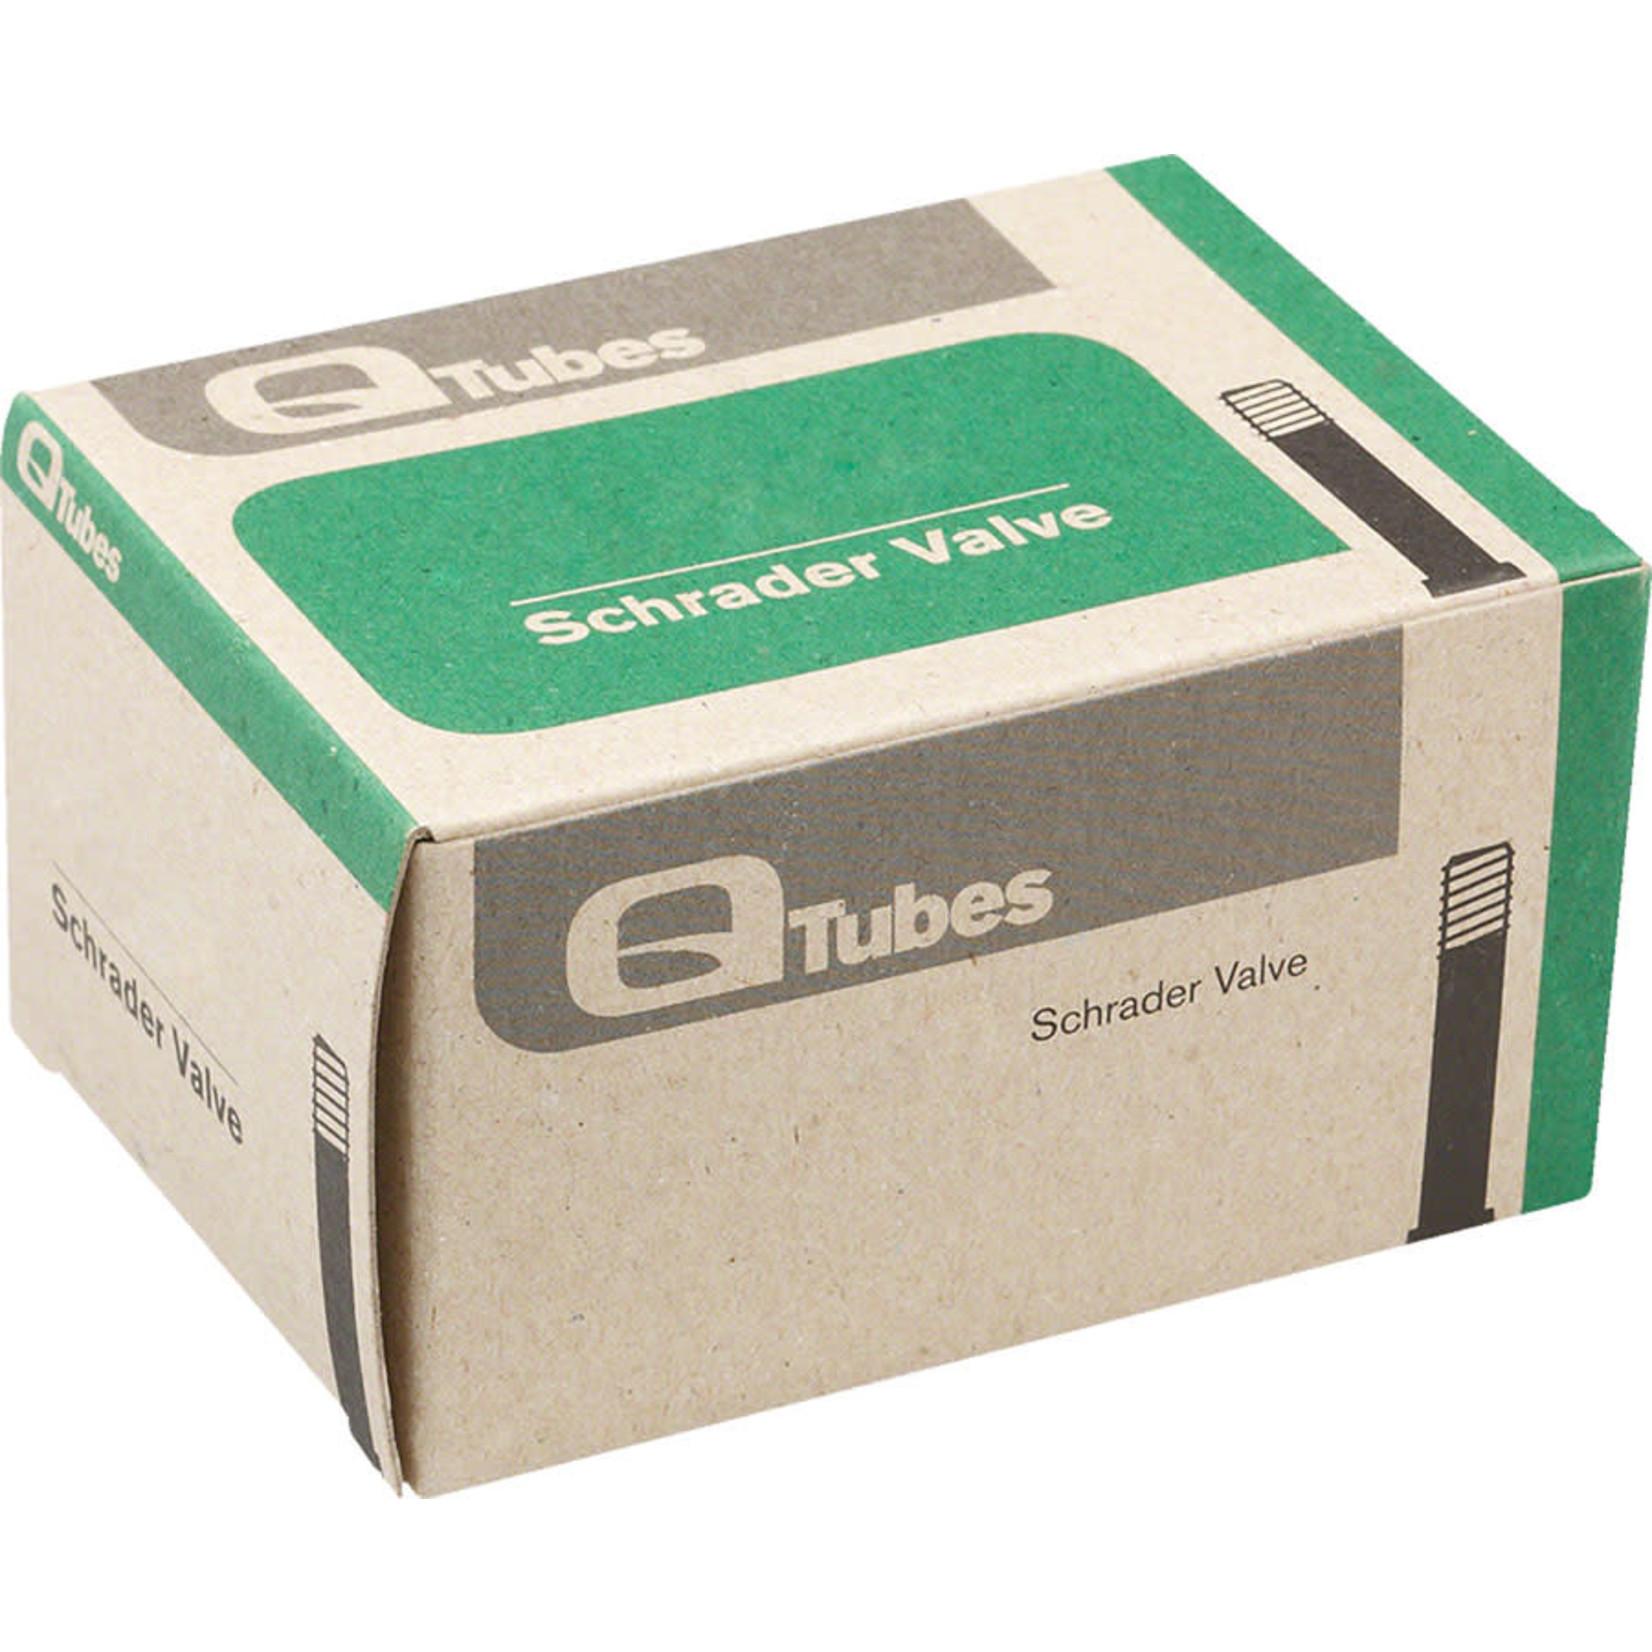 """Q-Tubes Q-Tubes 26"""" x 1.5-1.75"""" Schrader Valve Tube 165g"""